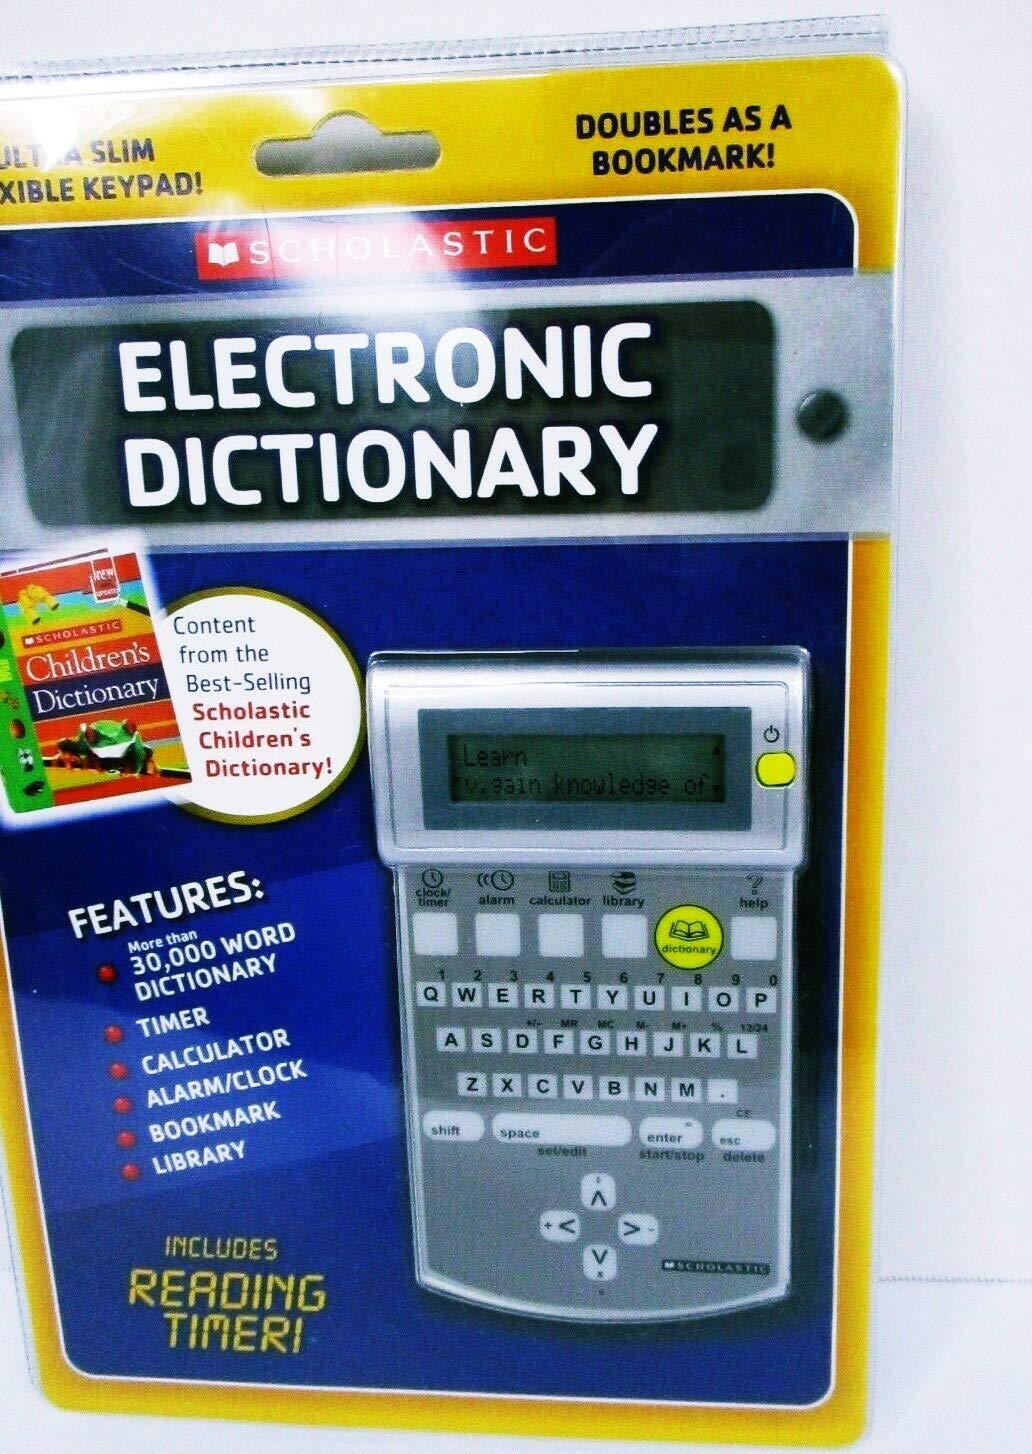 Electronic Dictionary Ultra Slim Flexible Keypad Bookmark New Sealed